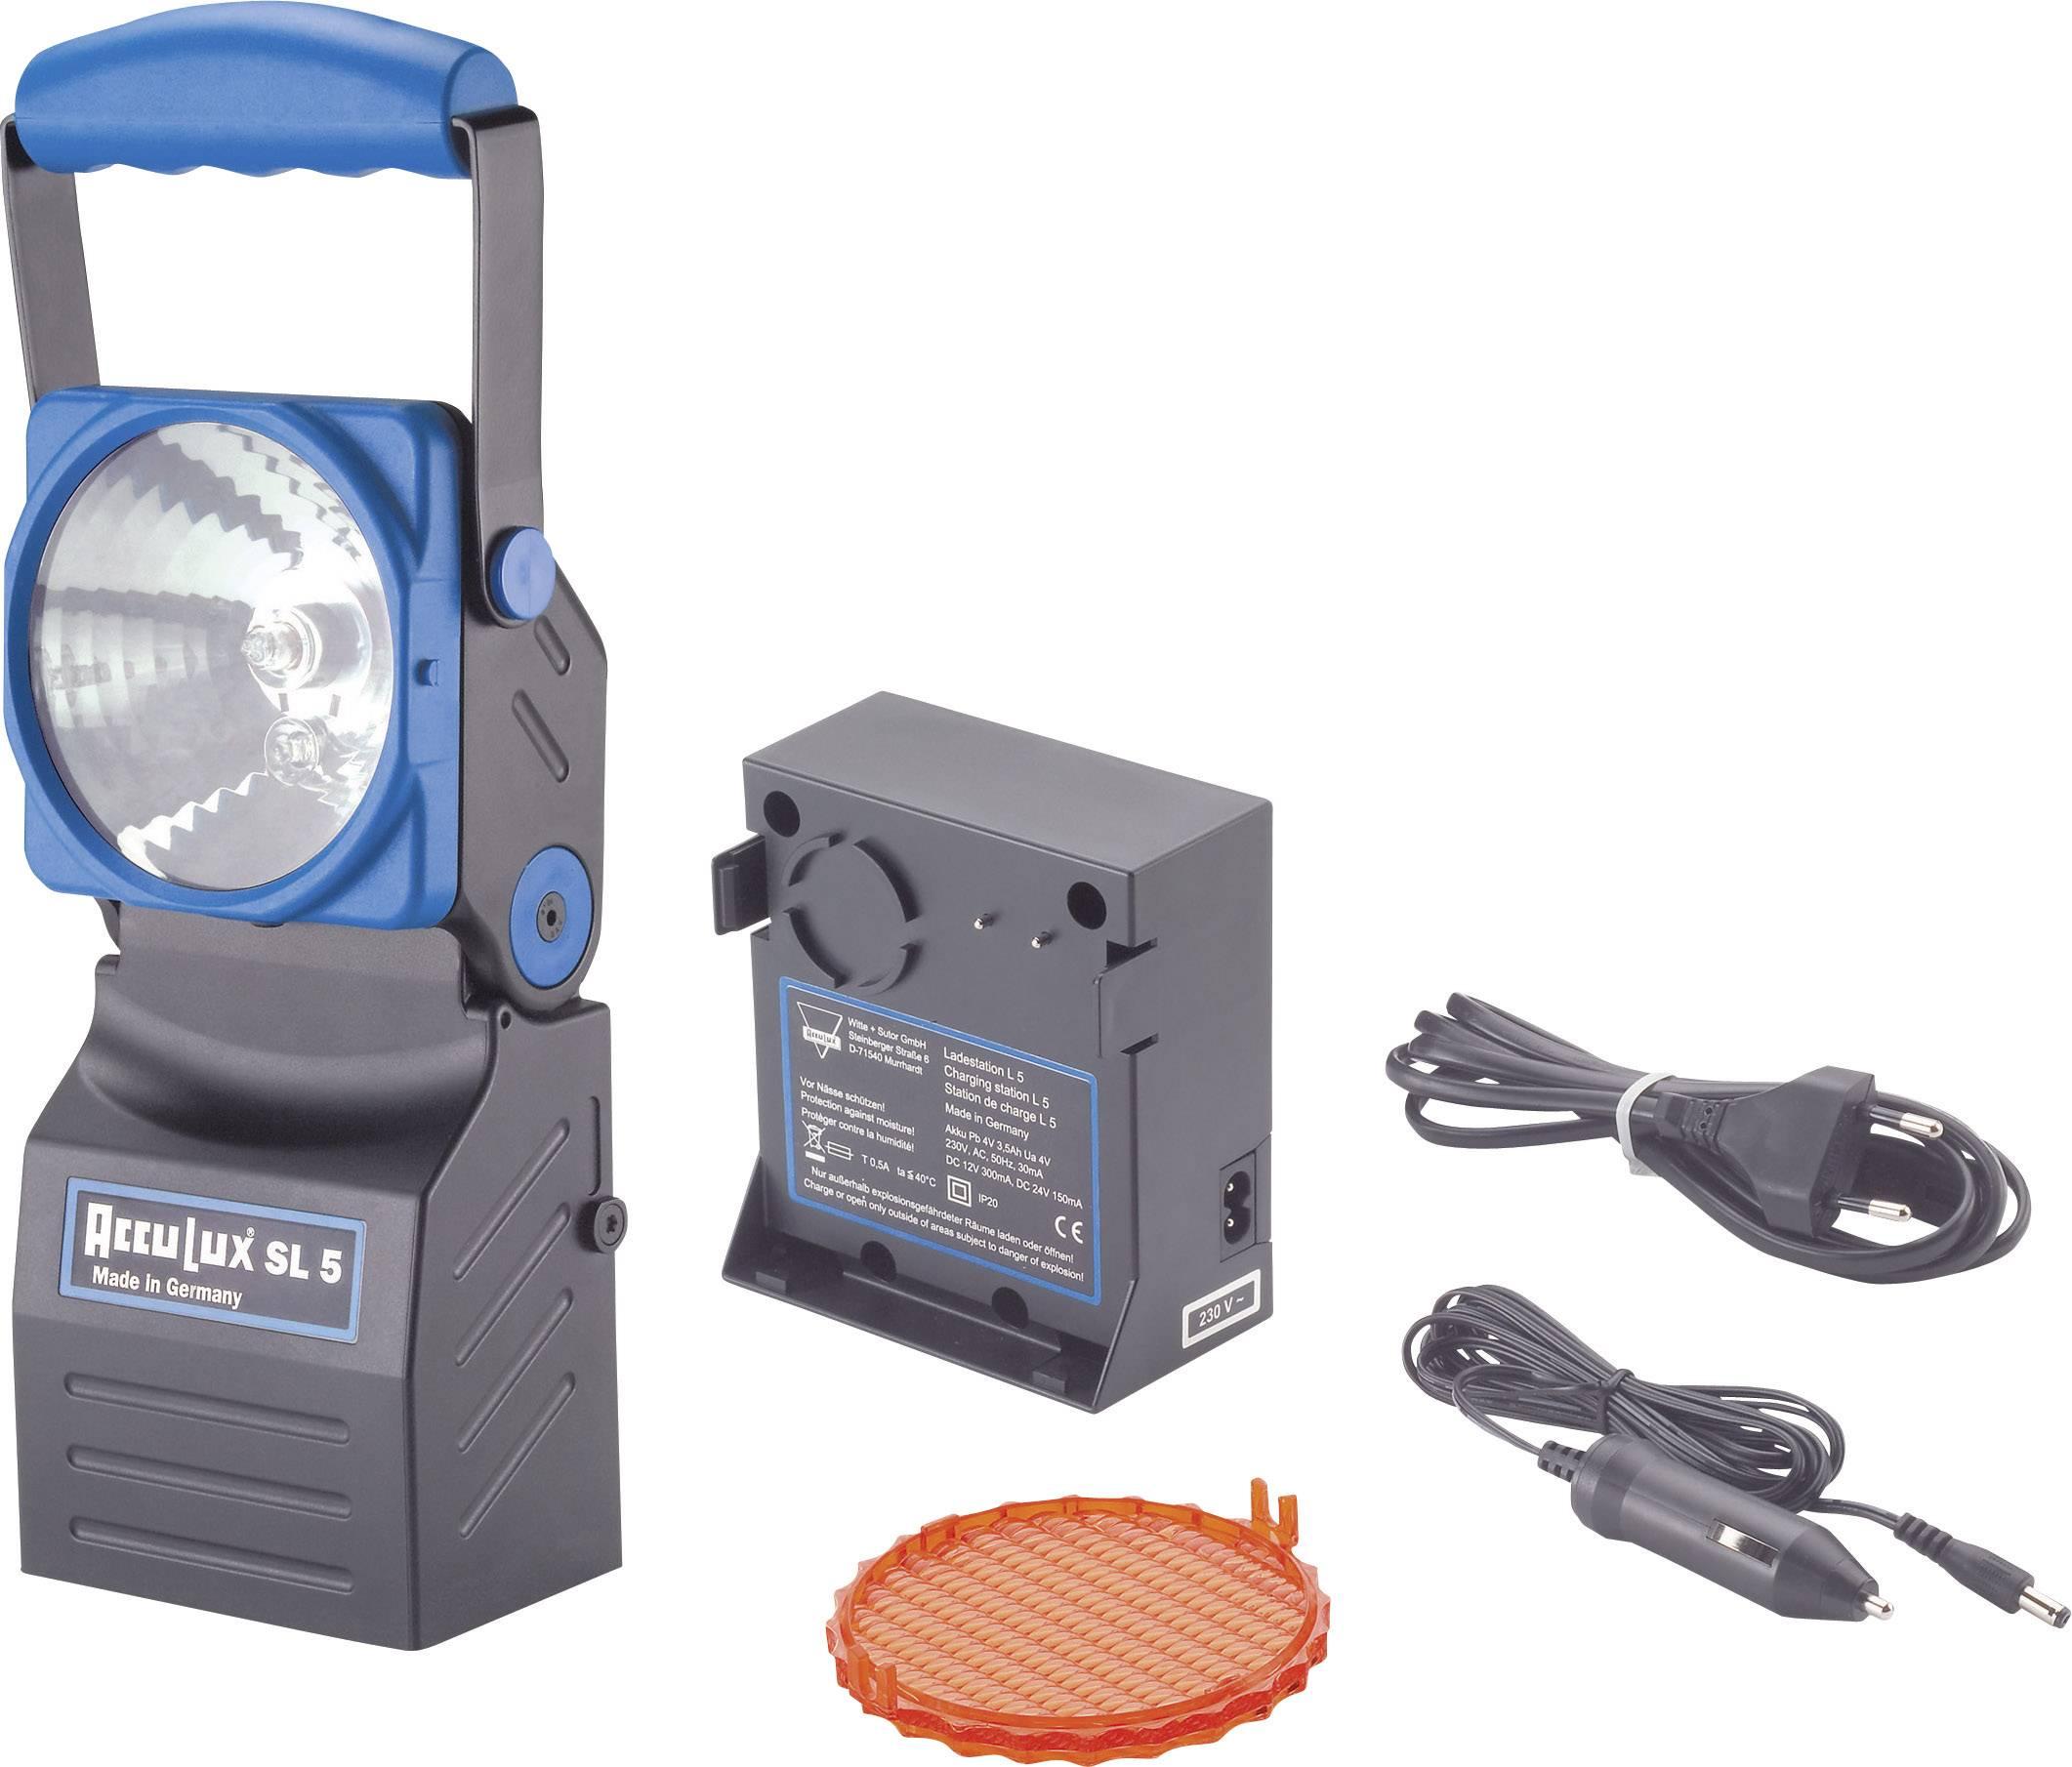 2600 G Mm Acculux 452441 Power Led Sans Fil 5 · Signal Pilote Rouge Lampe À Torche jpVLSzGMqU